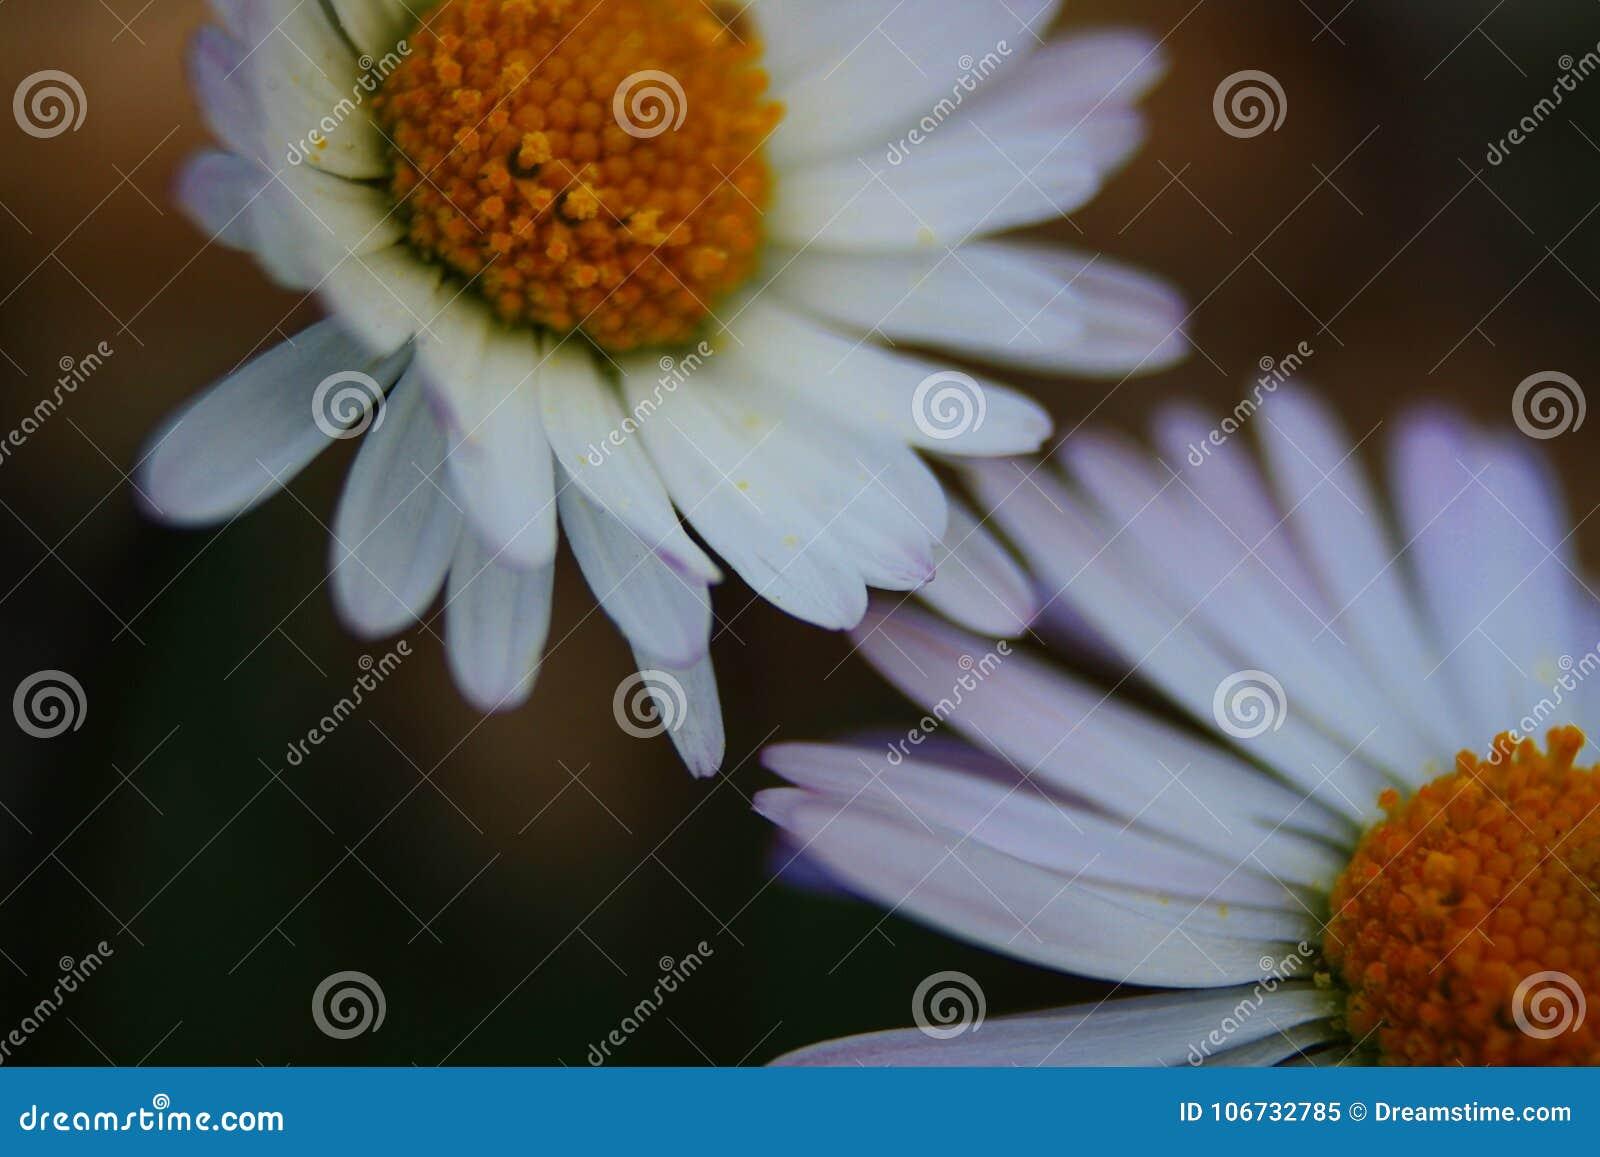 Λουλούδι πρώτων ορόφων του μεσογειακού λεκέ στο salentina χερσονήσων με τις μακροχρόνιες εκθέσεις στον άμεσο ήλιο